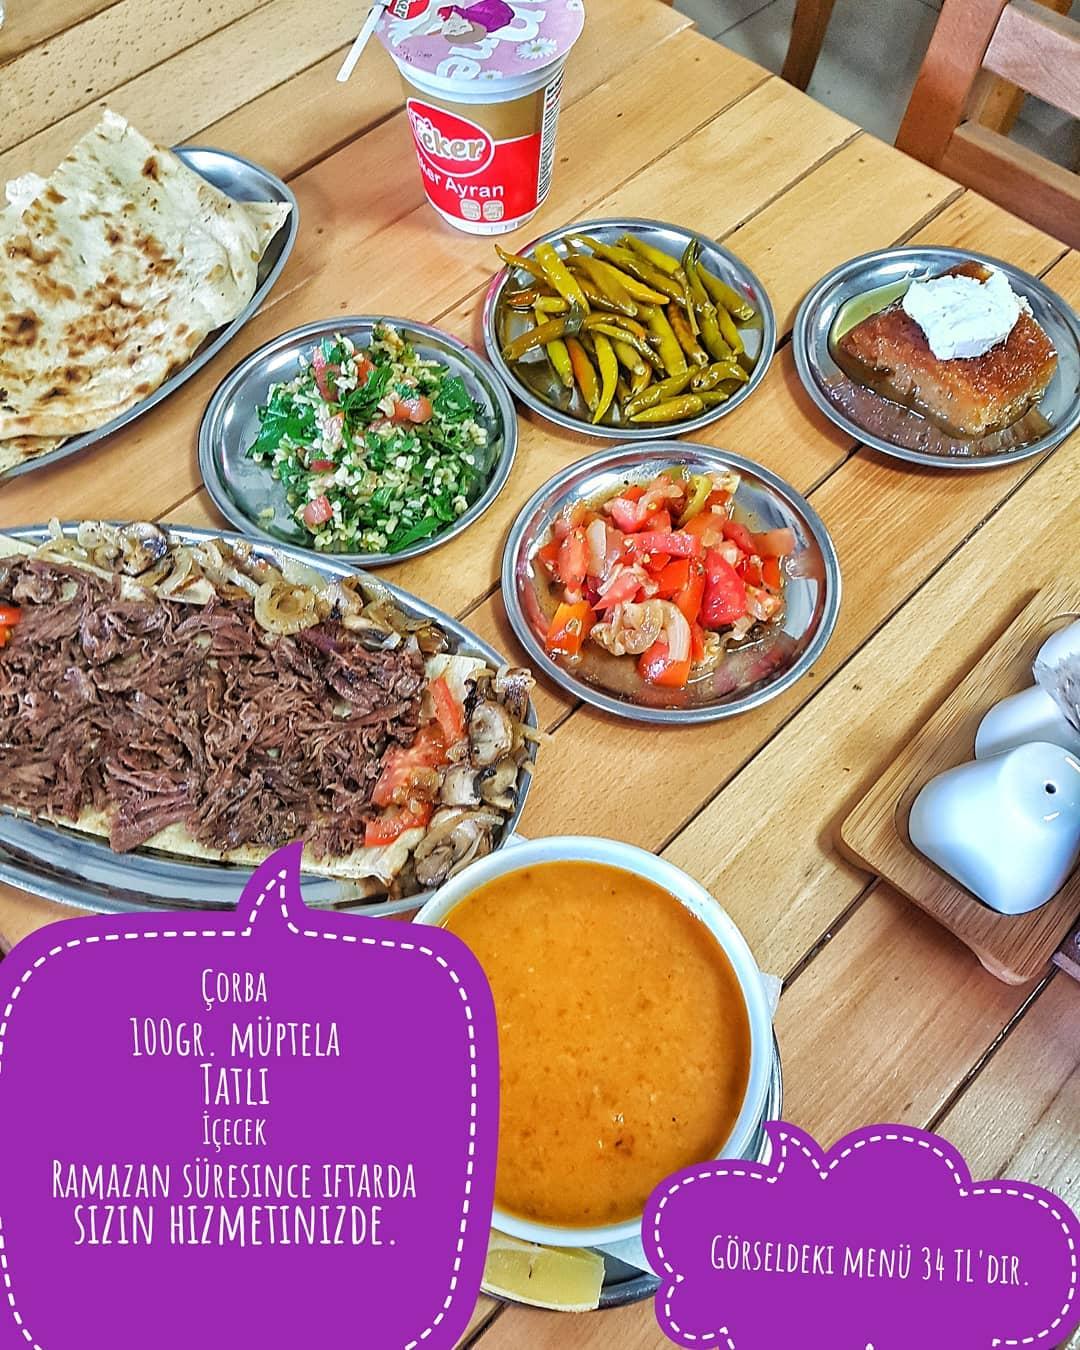 dürüm üstadı bayraklı izmir iftar menüsü